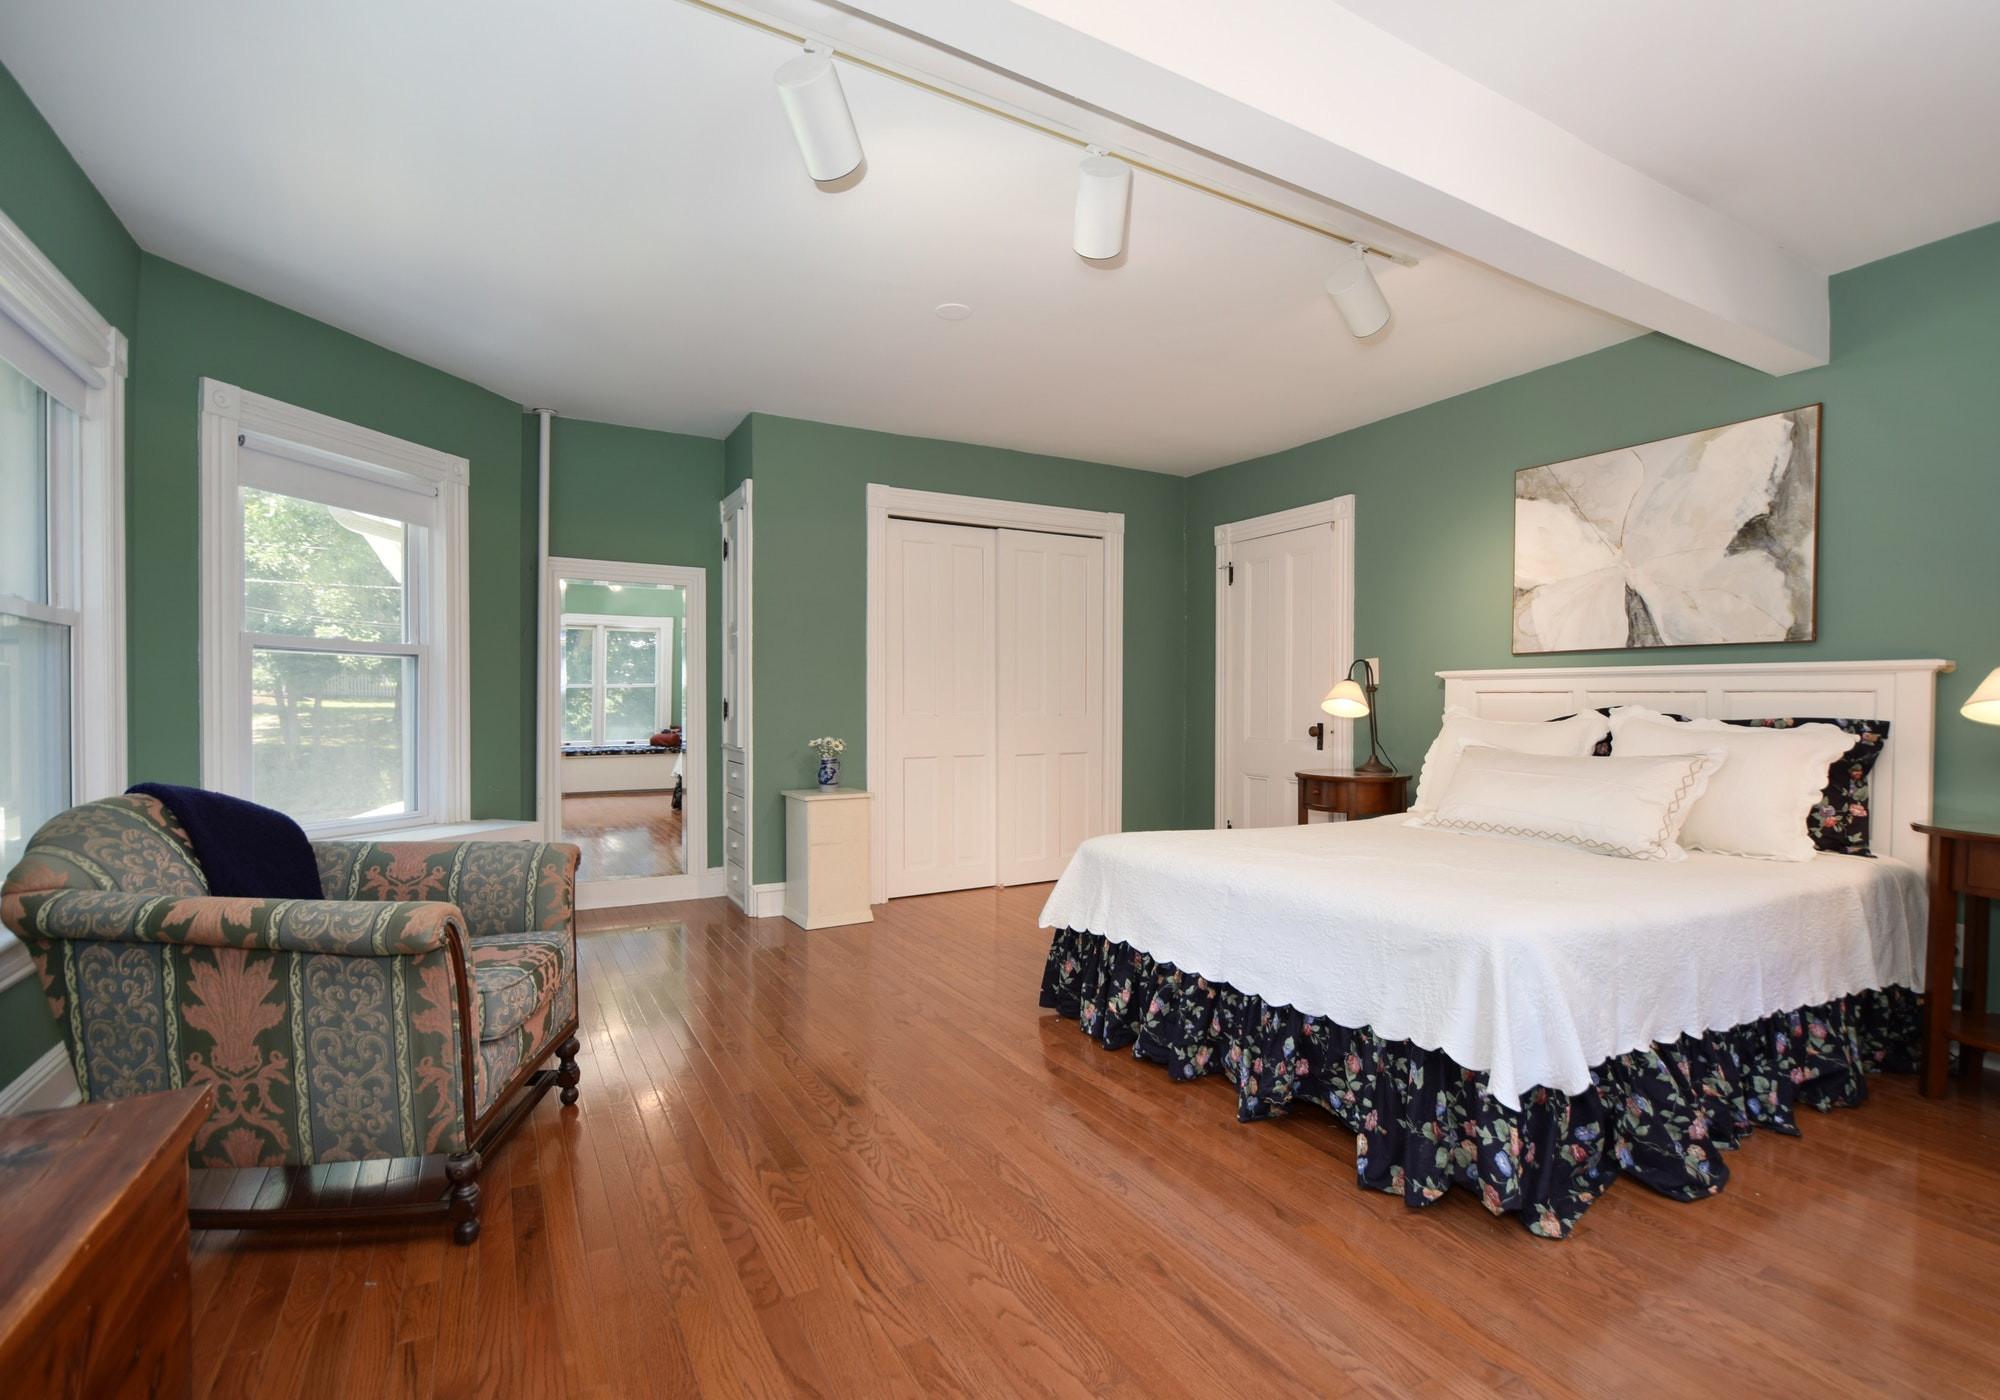 hardwood flooring summit nj of 66 fernwood rd summit nj 07901 realestate com inside is6az3s7tz1dam0000000000